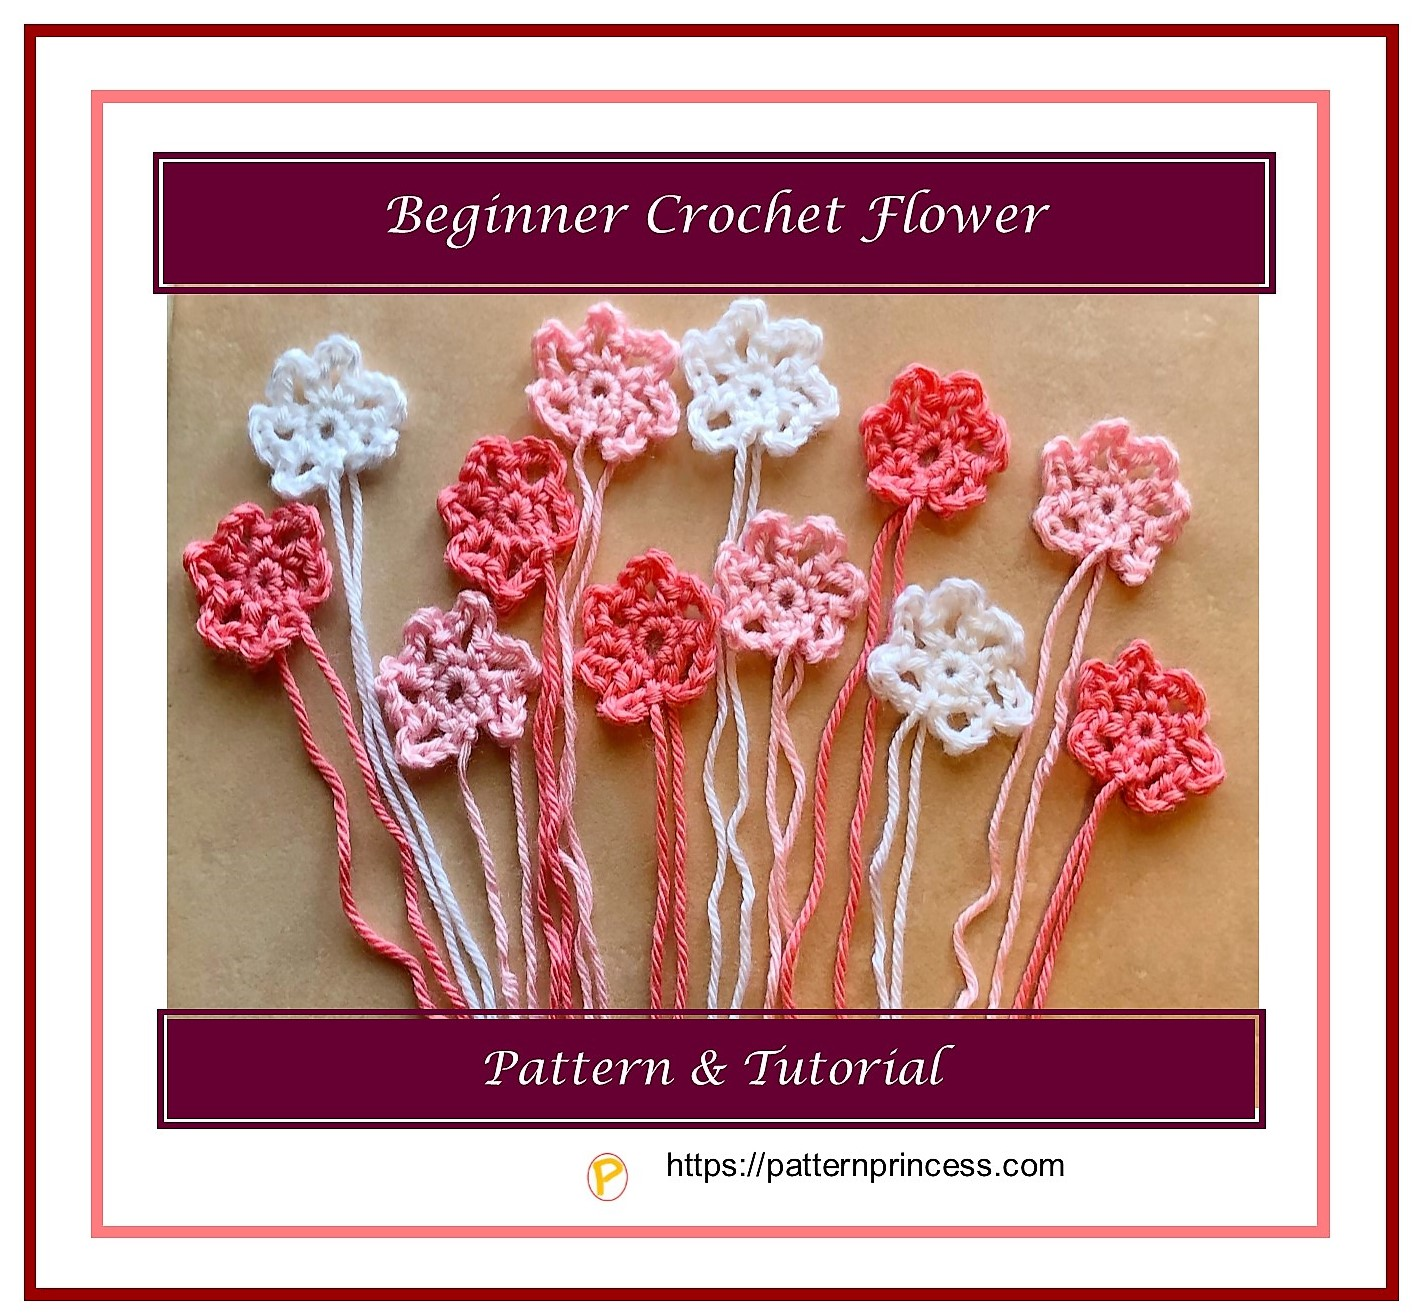 Beginner Crochet Flower 1